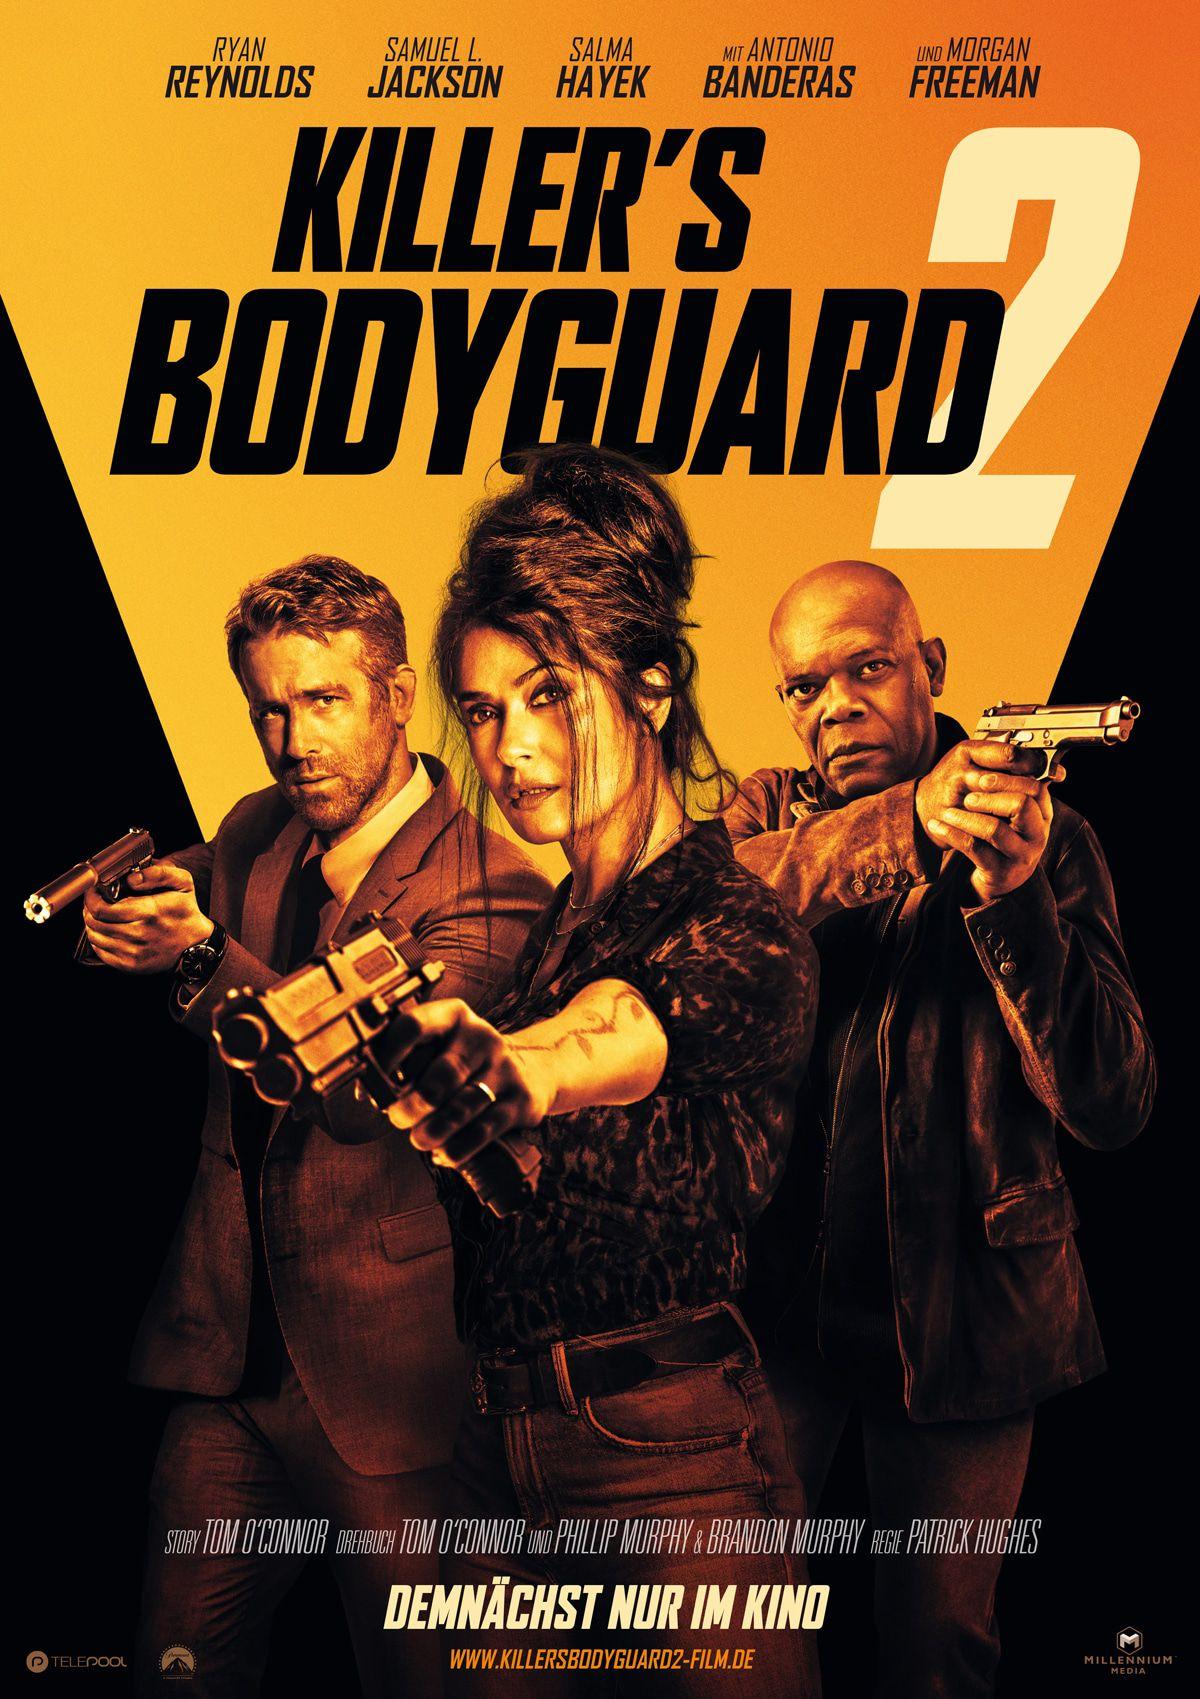 """Ryan Reynolds, Samuel L. Jackson in """"Killers Bodyguard 2"""""""